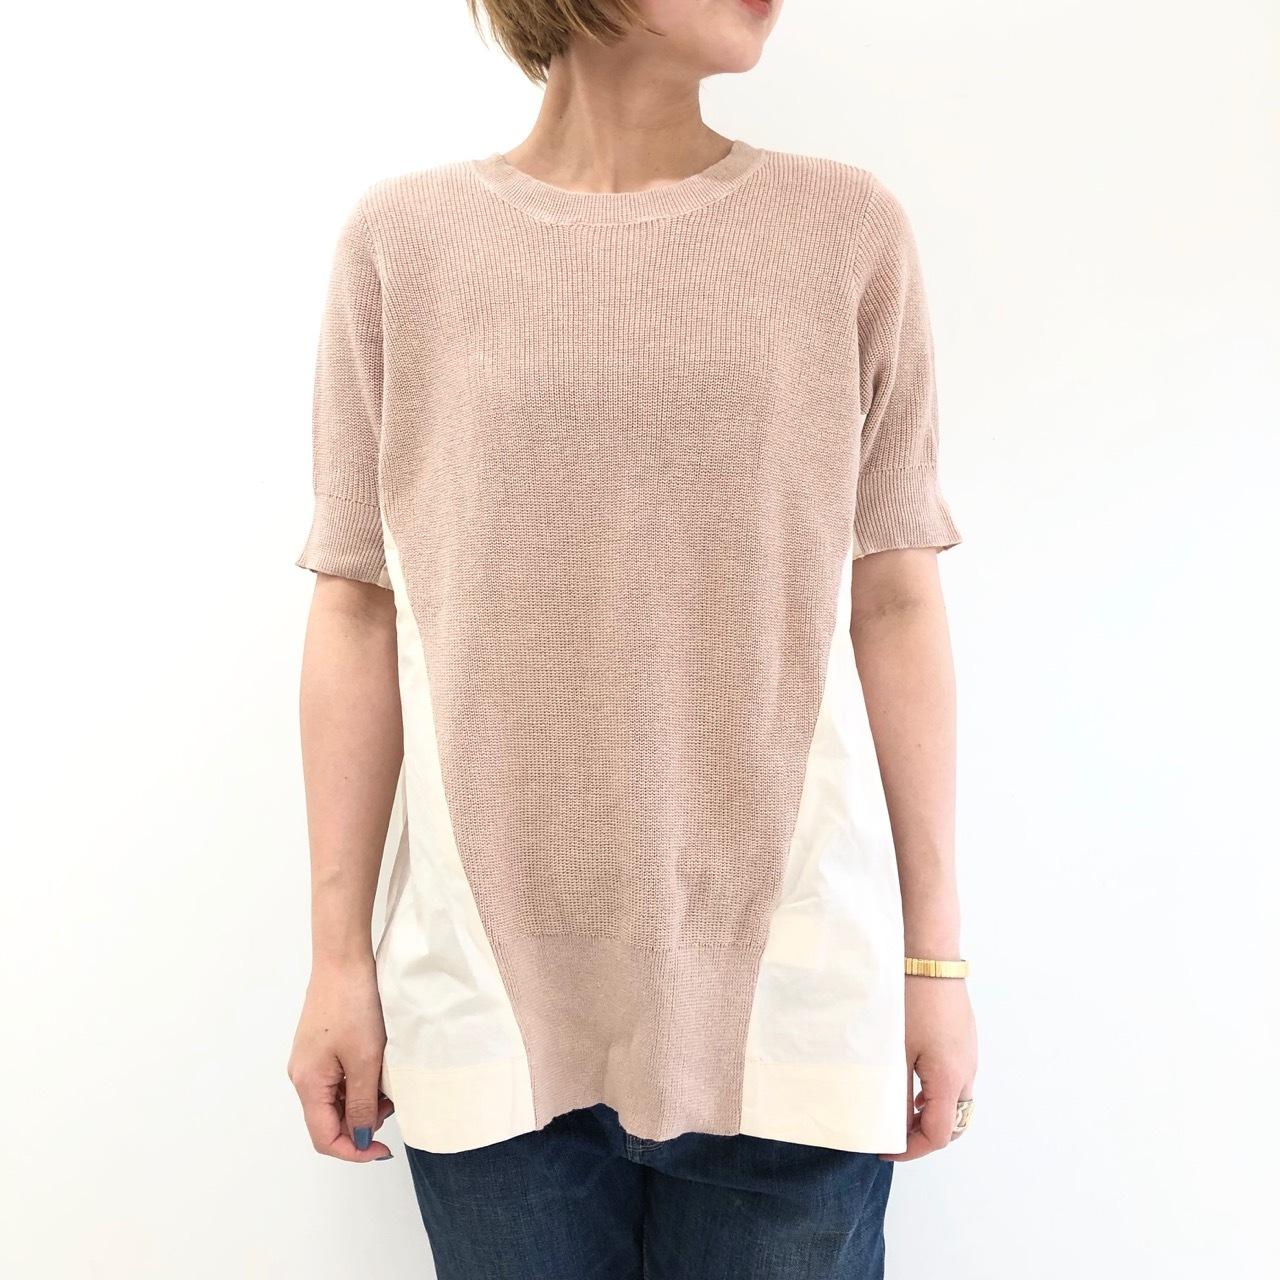 【 ROSIEE 】- 311201 - ニット切り替えTeeシャツ